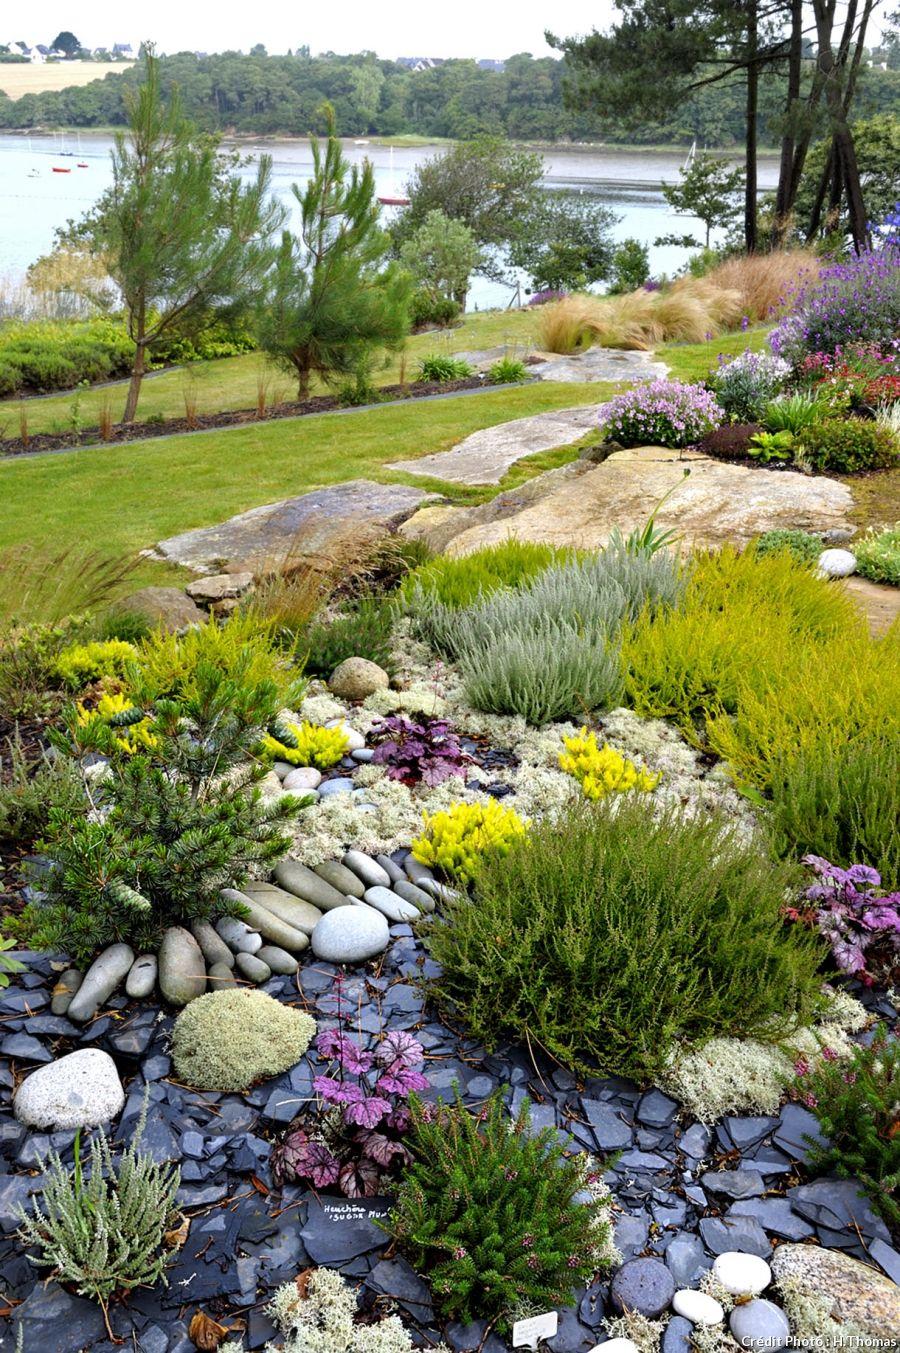 Agapanthe Jardin Génial Un Jardin Breton D Agapanthes Et D Hortensias Bleus Of 84 Génial Agapanthe Jardin